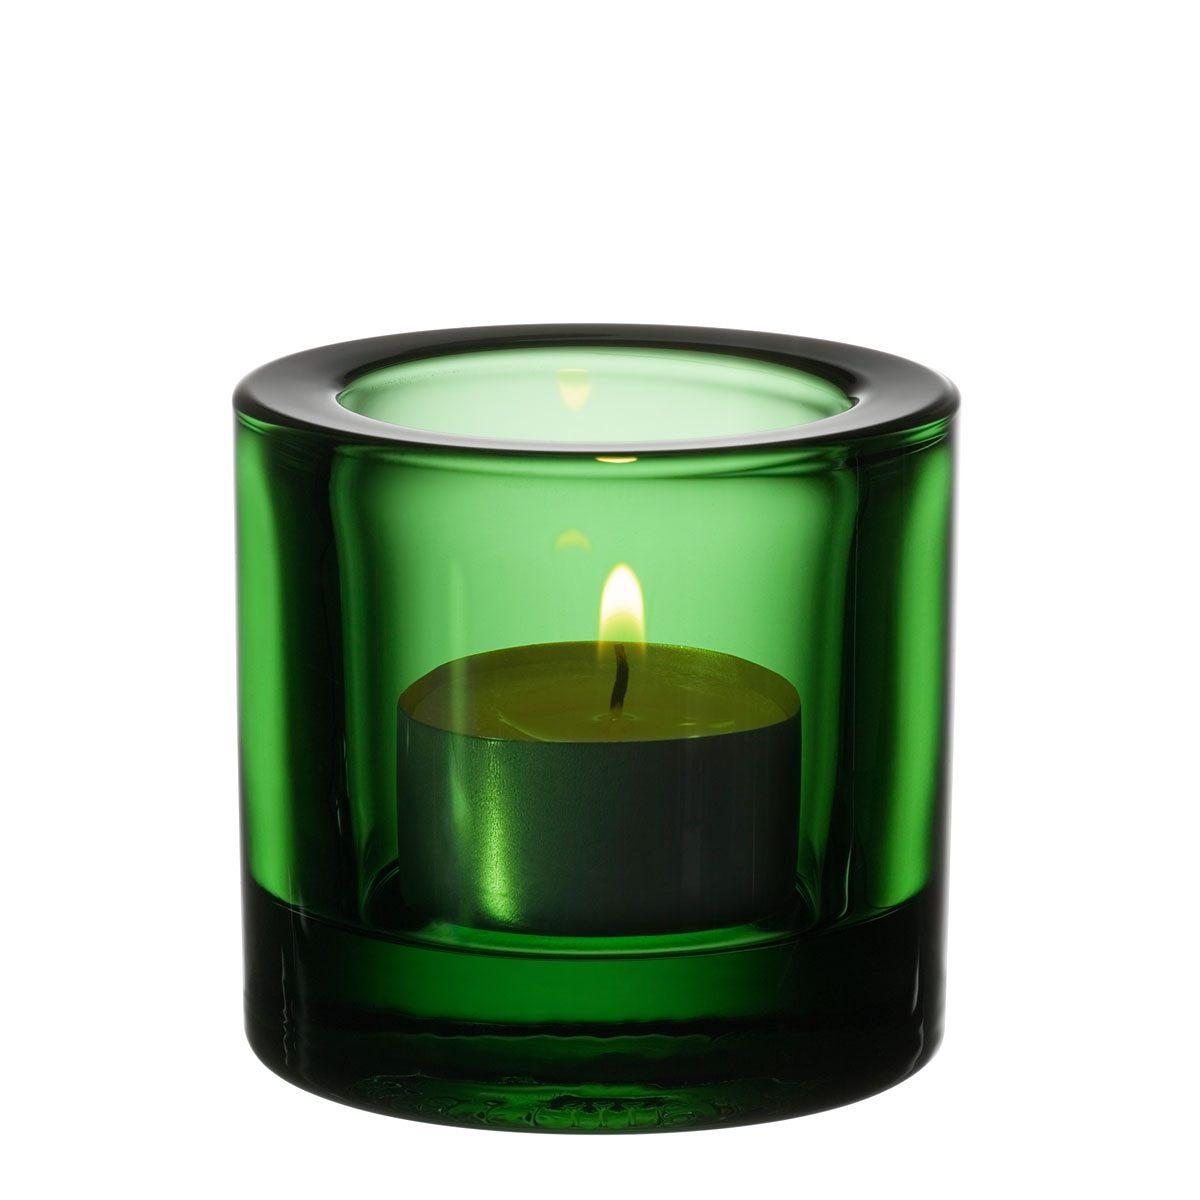 IITTALA Iittala Teelichthalter KIVI grün 6 cm